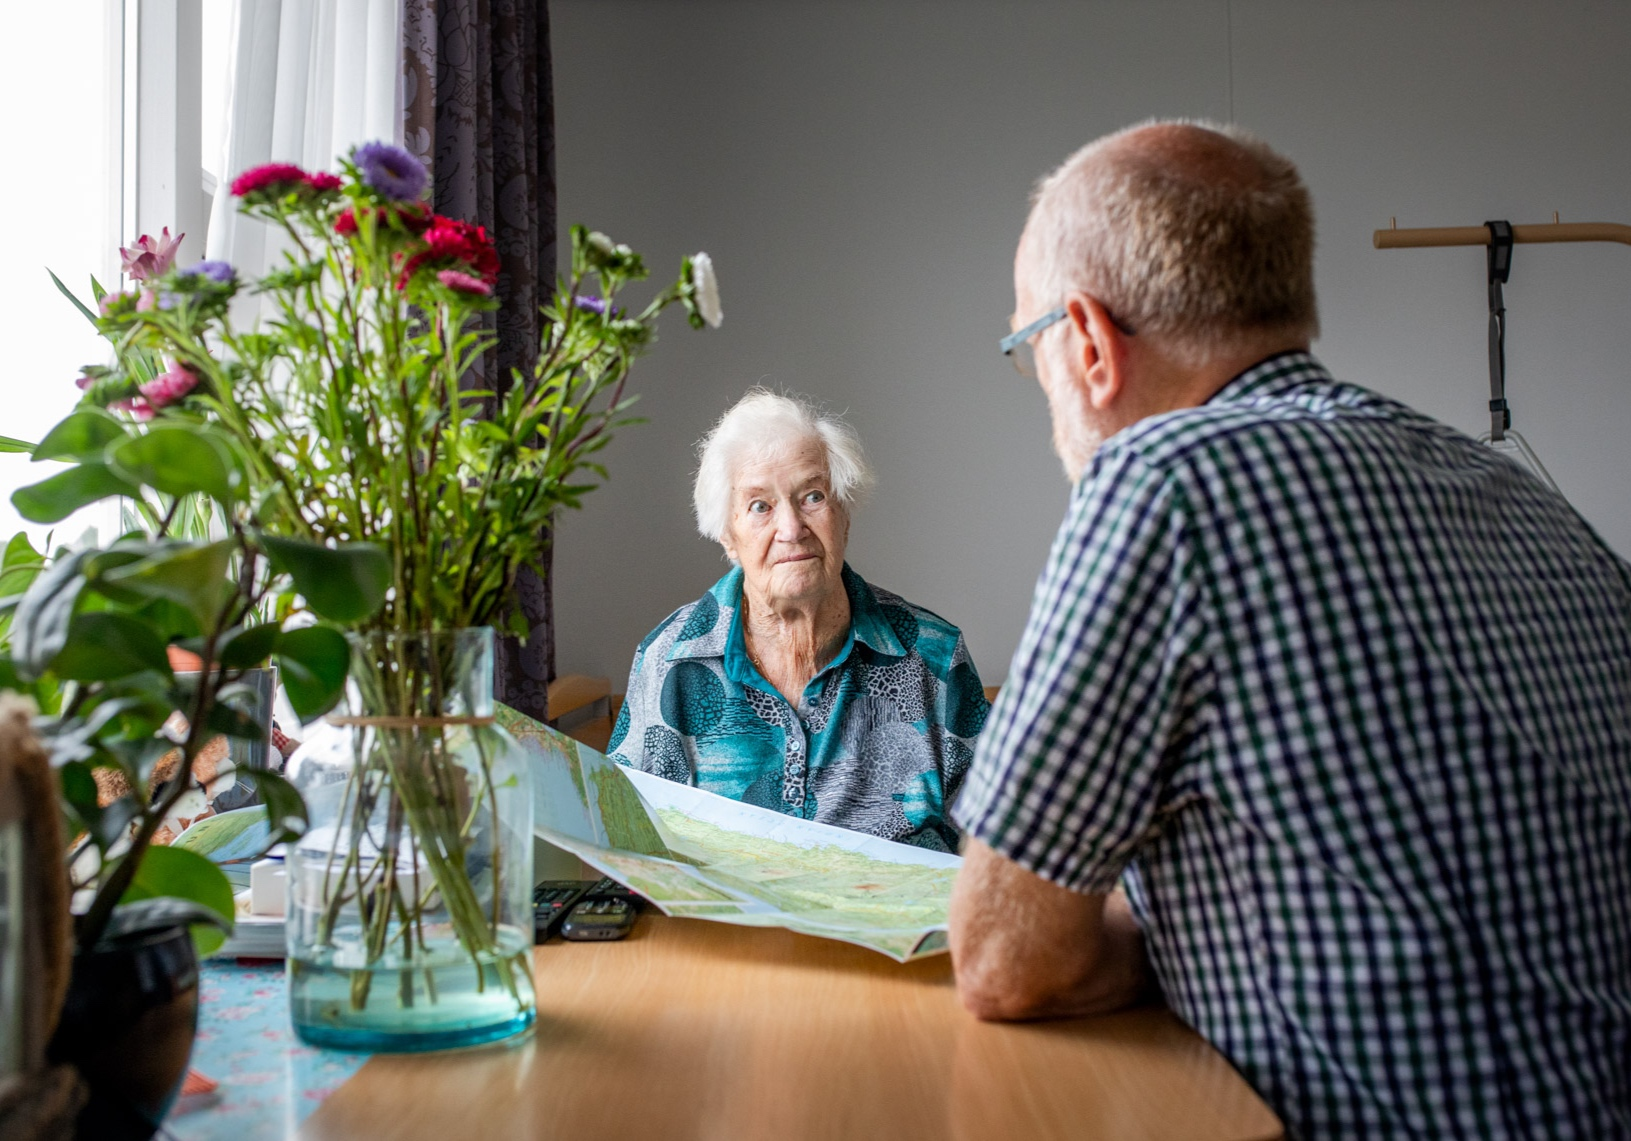 Ouderen bezoekwerk - Iedereen die ouder is dan 80 jaar (dit was 75 jaar jaar en wordt in dit jaar 2019 verhoogd naar 80 jaar, dat gaat geleidelijk in de komende 5 jaar)  krijgt bezoek van een bezoeker. Momenteel zijn er ruim 650 75-plussers in onze gemeente, waarvoor de ruim 85 ouderenbezoekers actief zijn.De ouderenbezoekers gaan op bezoek bij de hen toegewezen bezoekadressen in een frequentie die door de 80+er zelf op prijs wordt gesteld. In elk geval besteedt de ouderenbezoeker aandacht aan verjaardagen en jubilea van haar/zijn 80+er. Ook geeft hij/zij aandacht bij hoogtepunten en verdrietige of moeilijke omstandigheden.